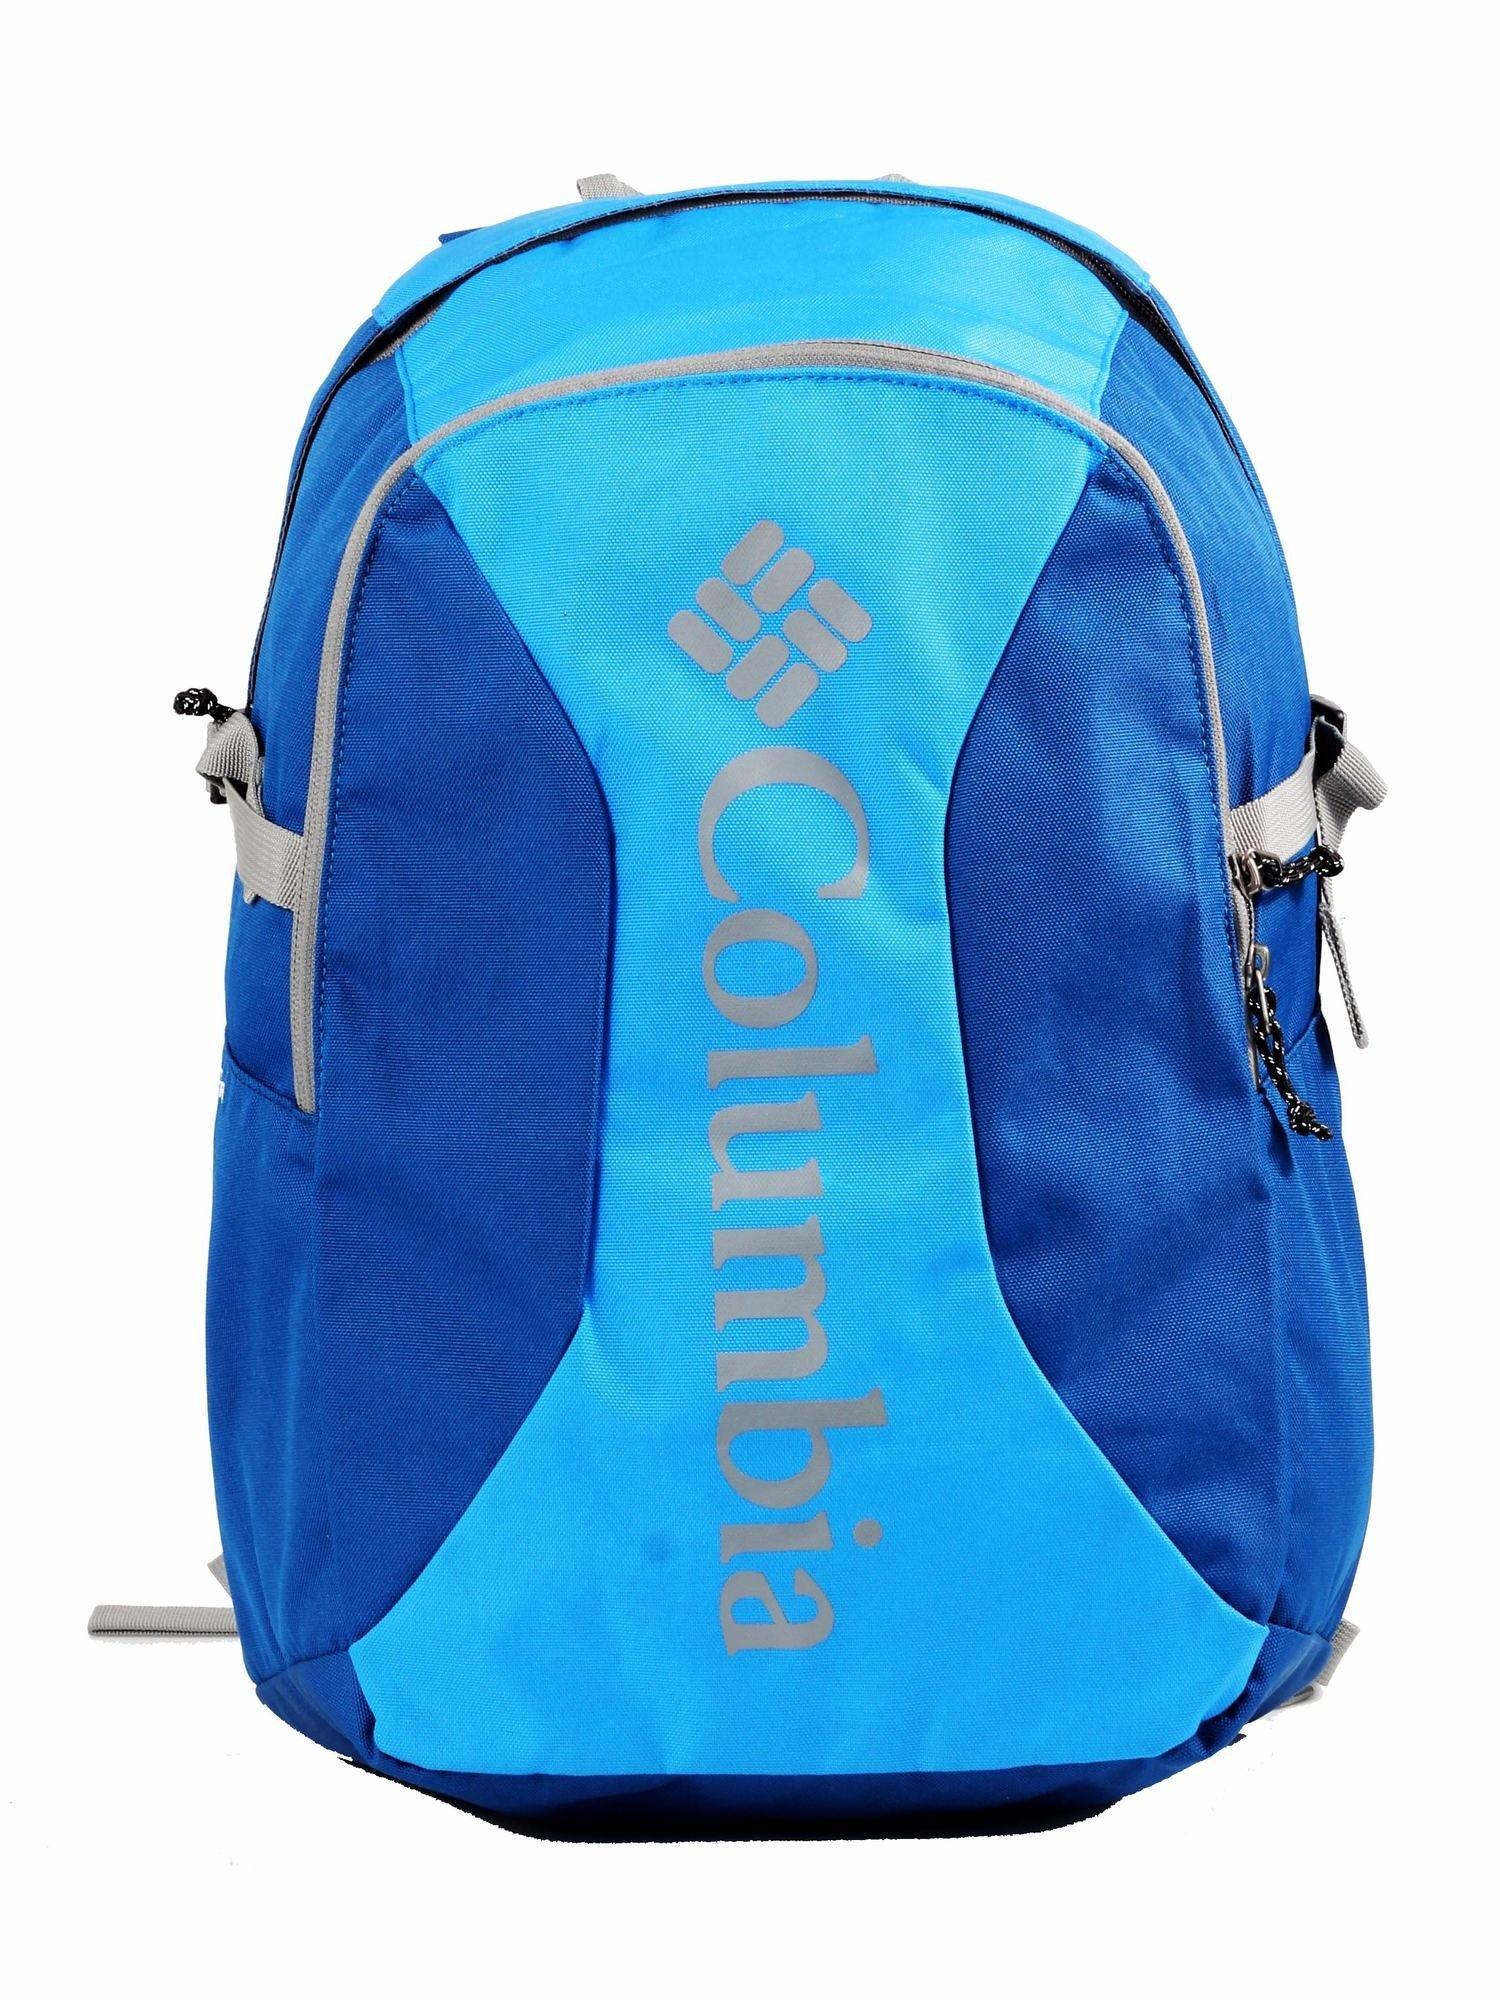 Columbia Winzard 112818 - Balo laptop - Shop Balo Hàng Hiệu